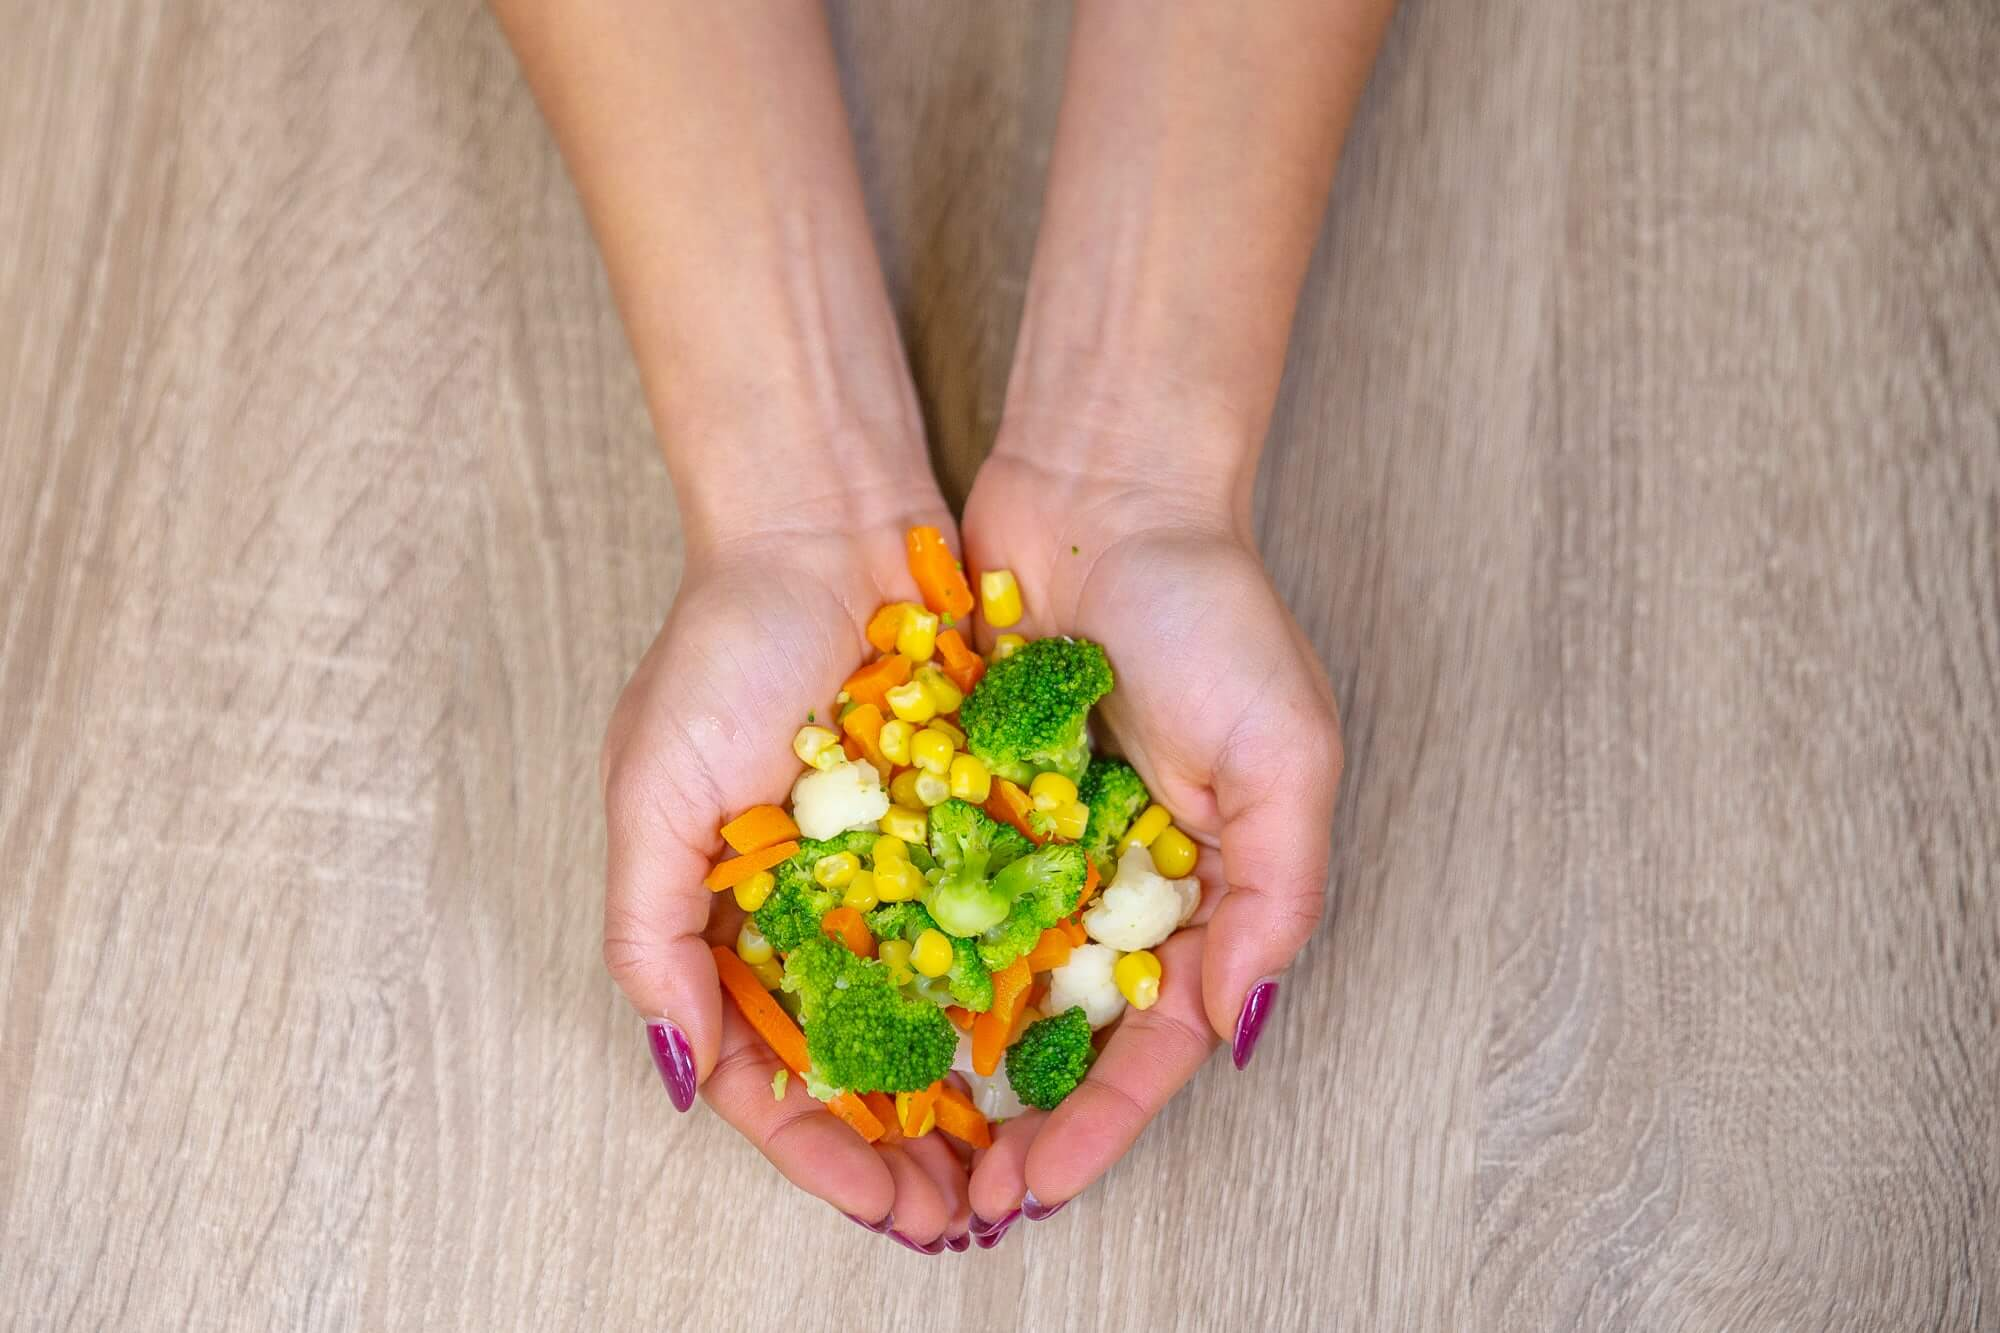 Vegetables portion size